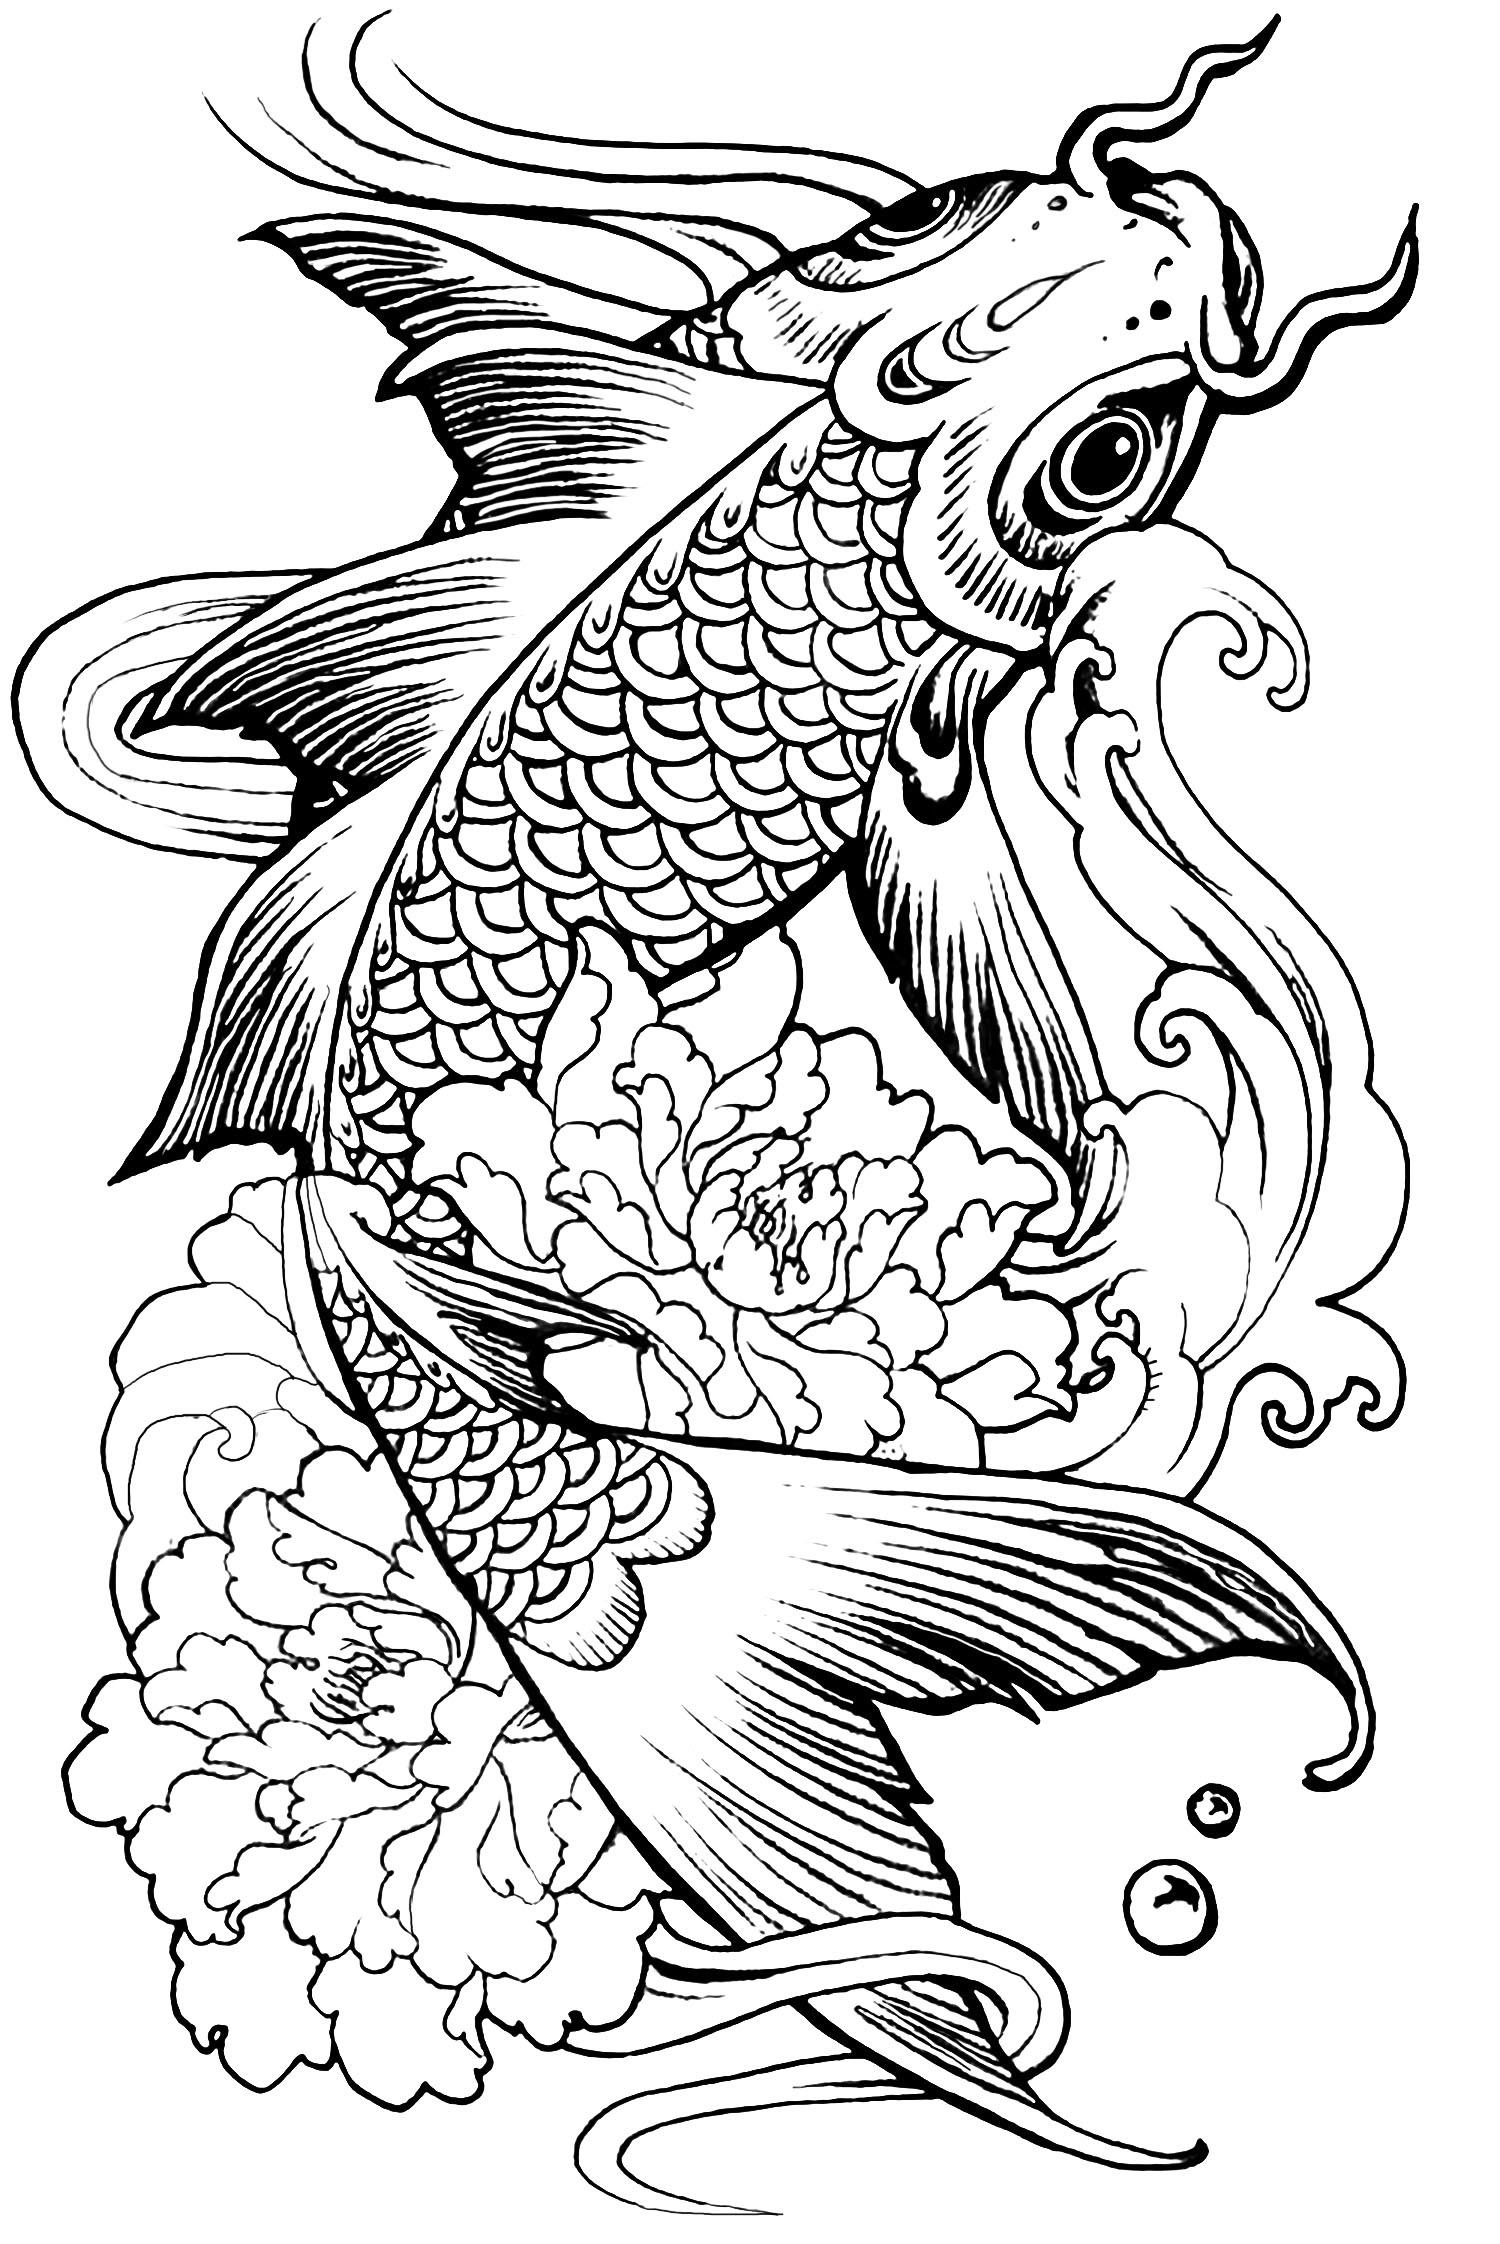 Animali disegni da colorare per adulti - Carino facile colorare le pagine ...